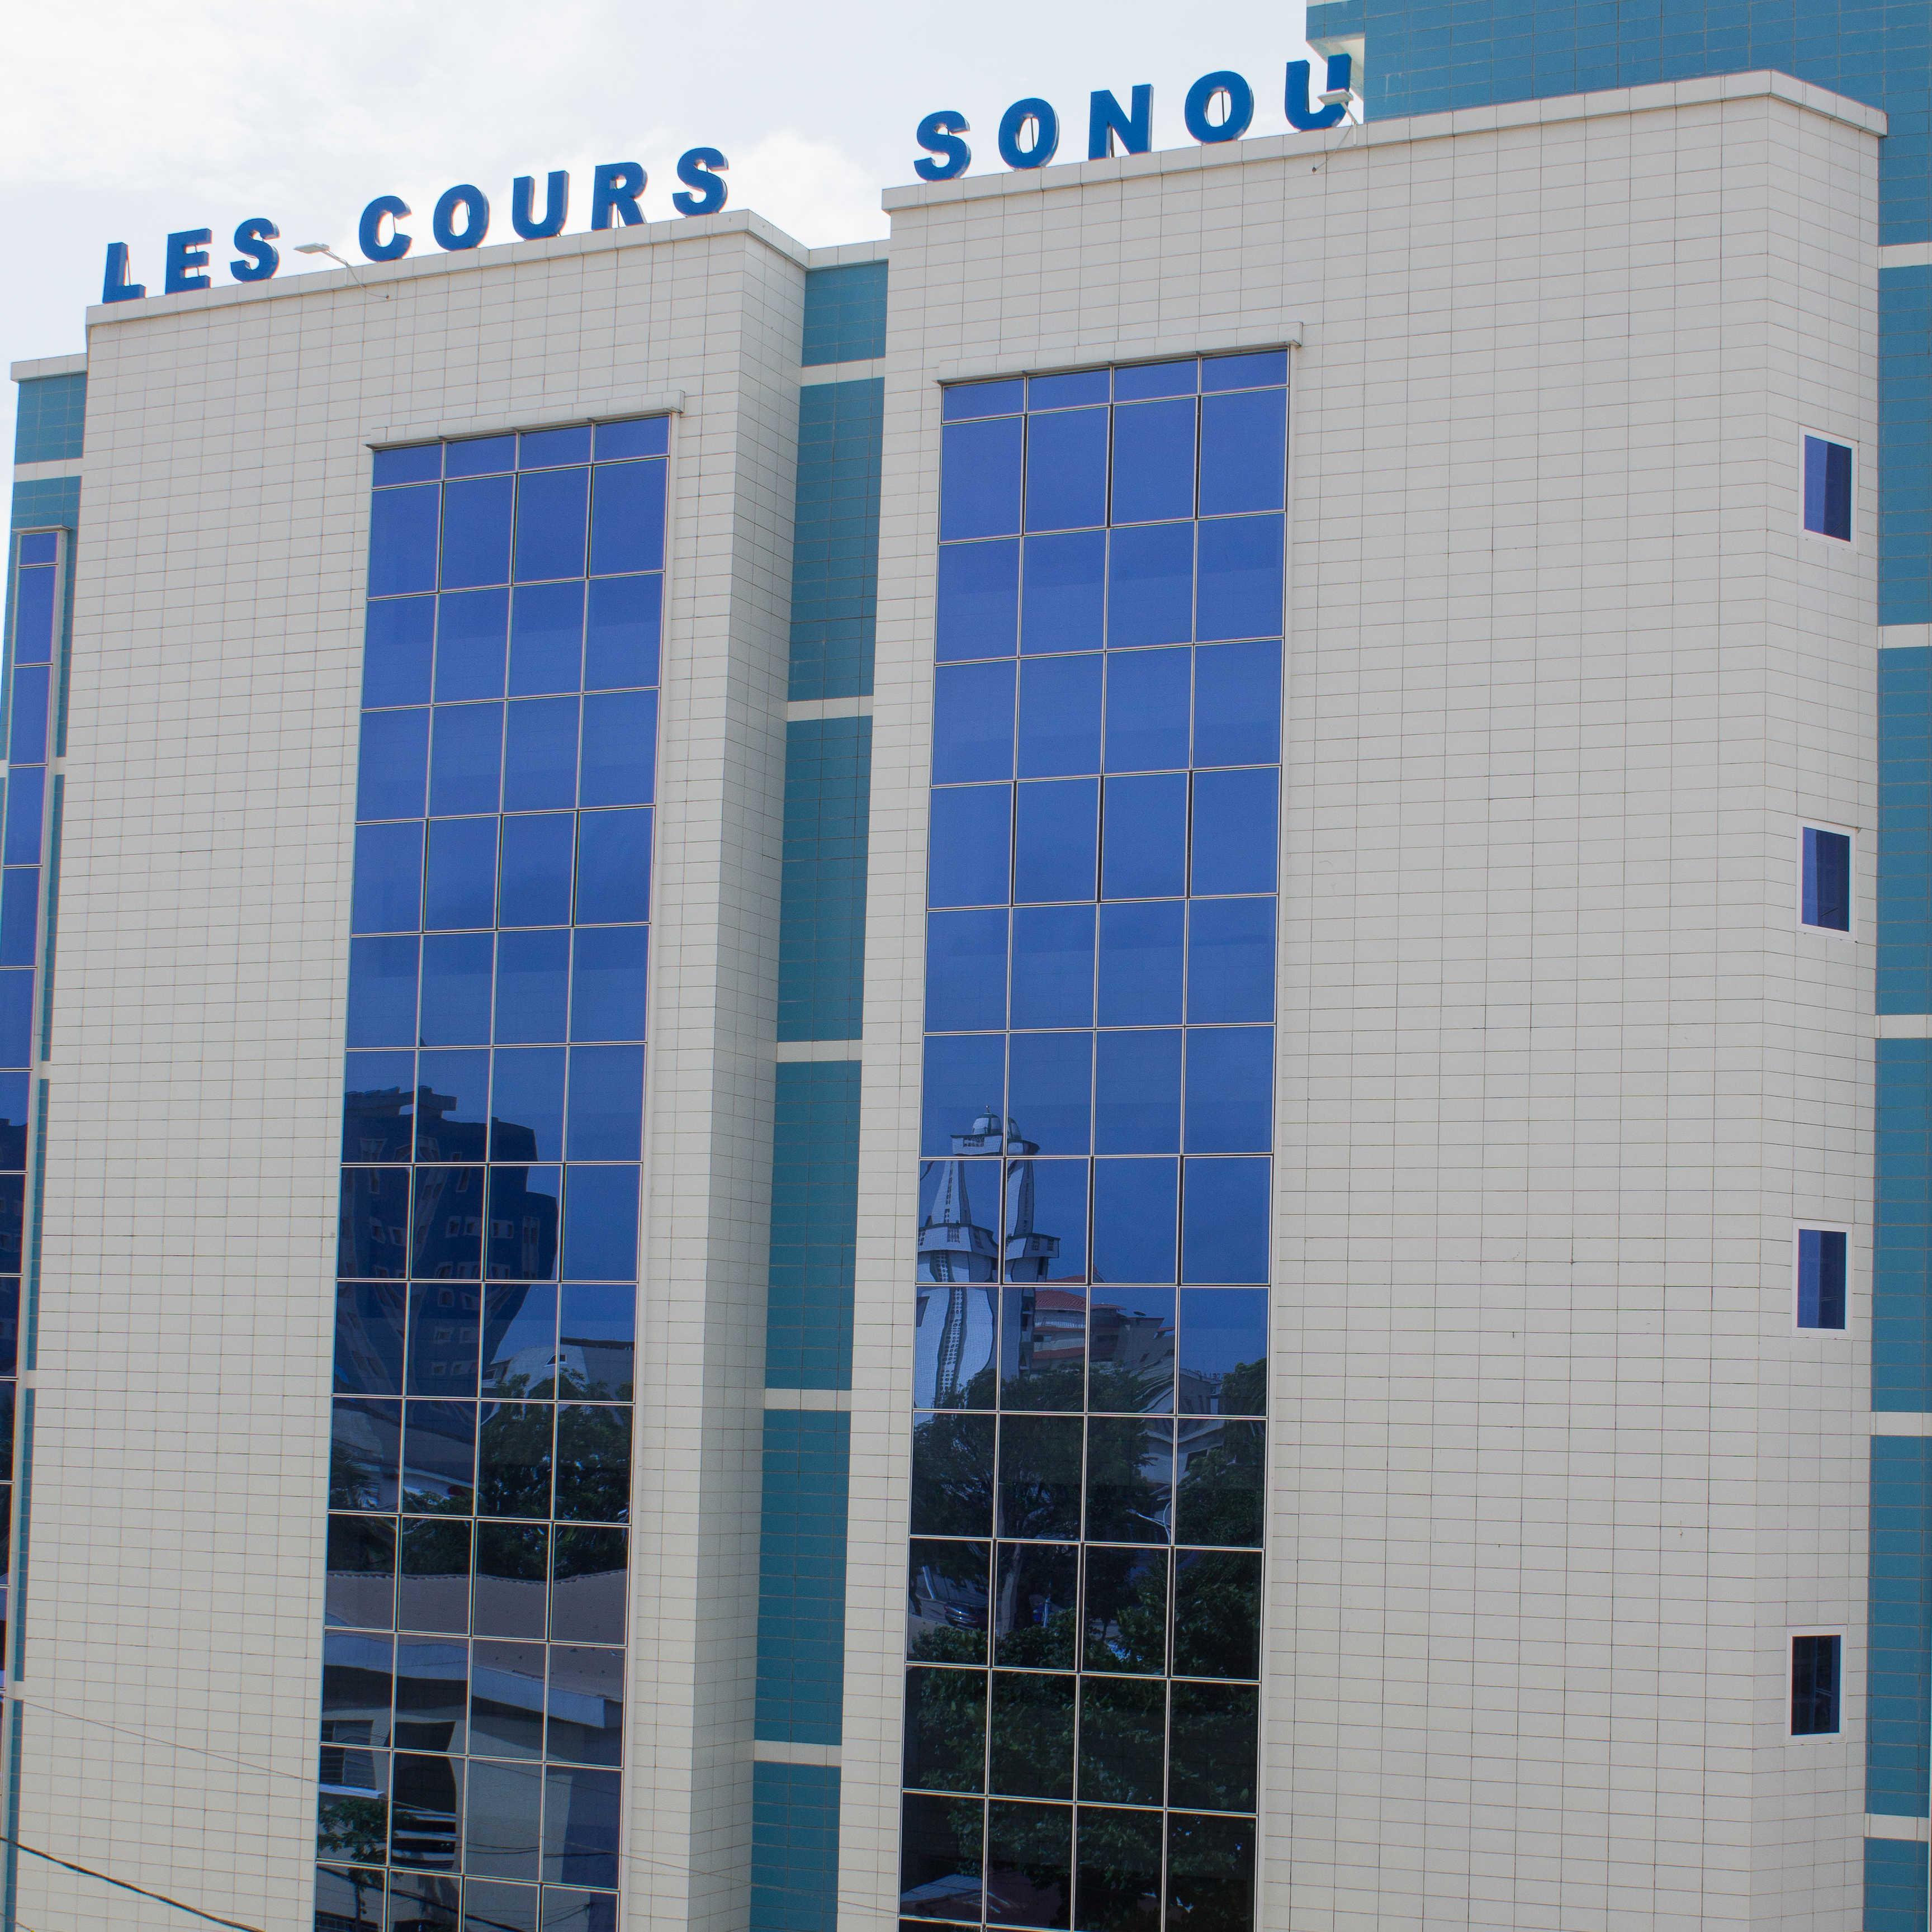 LES COURS SONOU - CABOMA